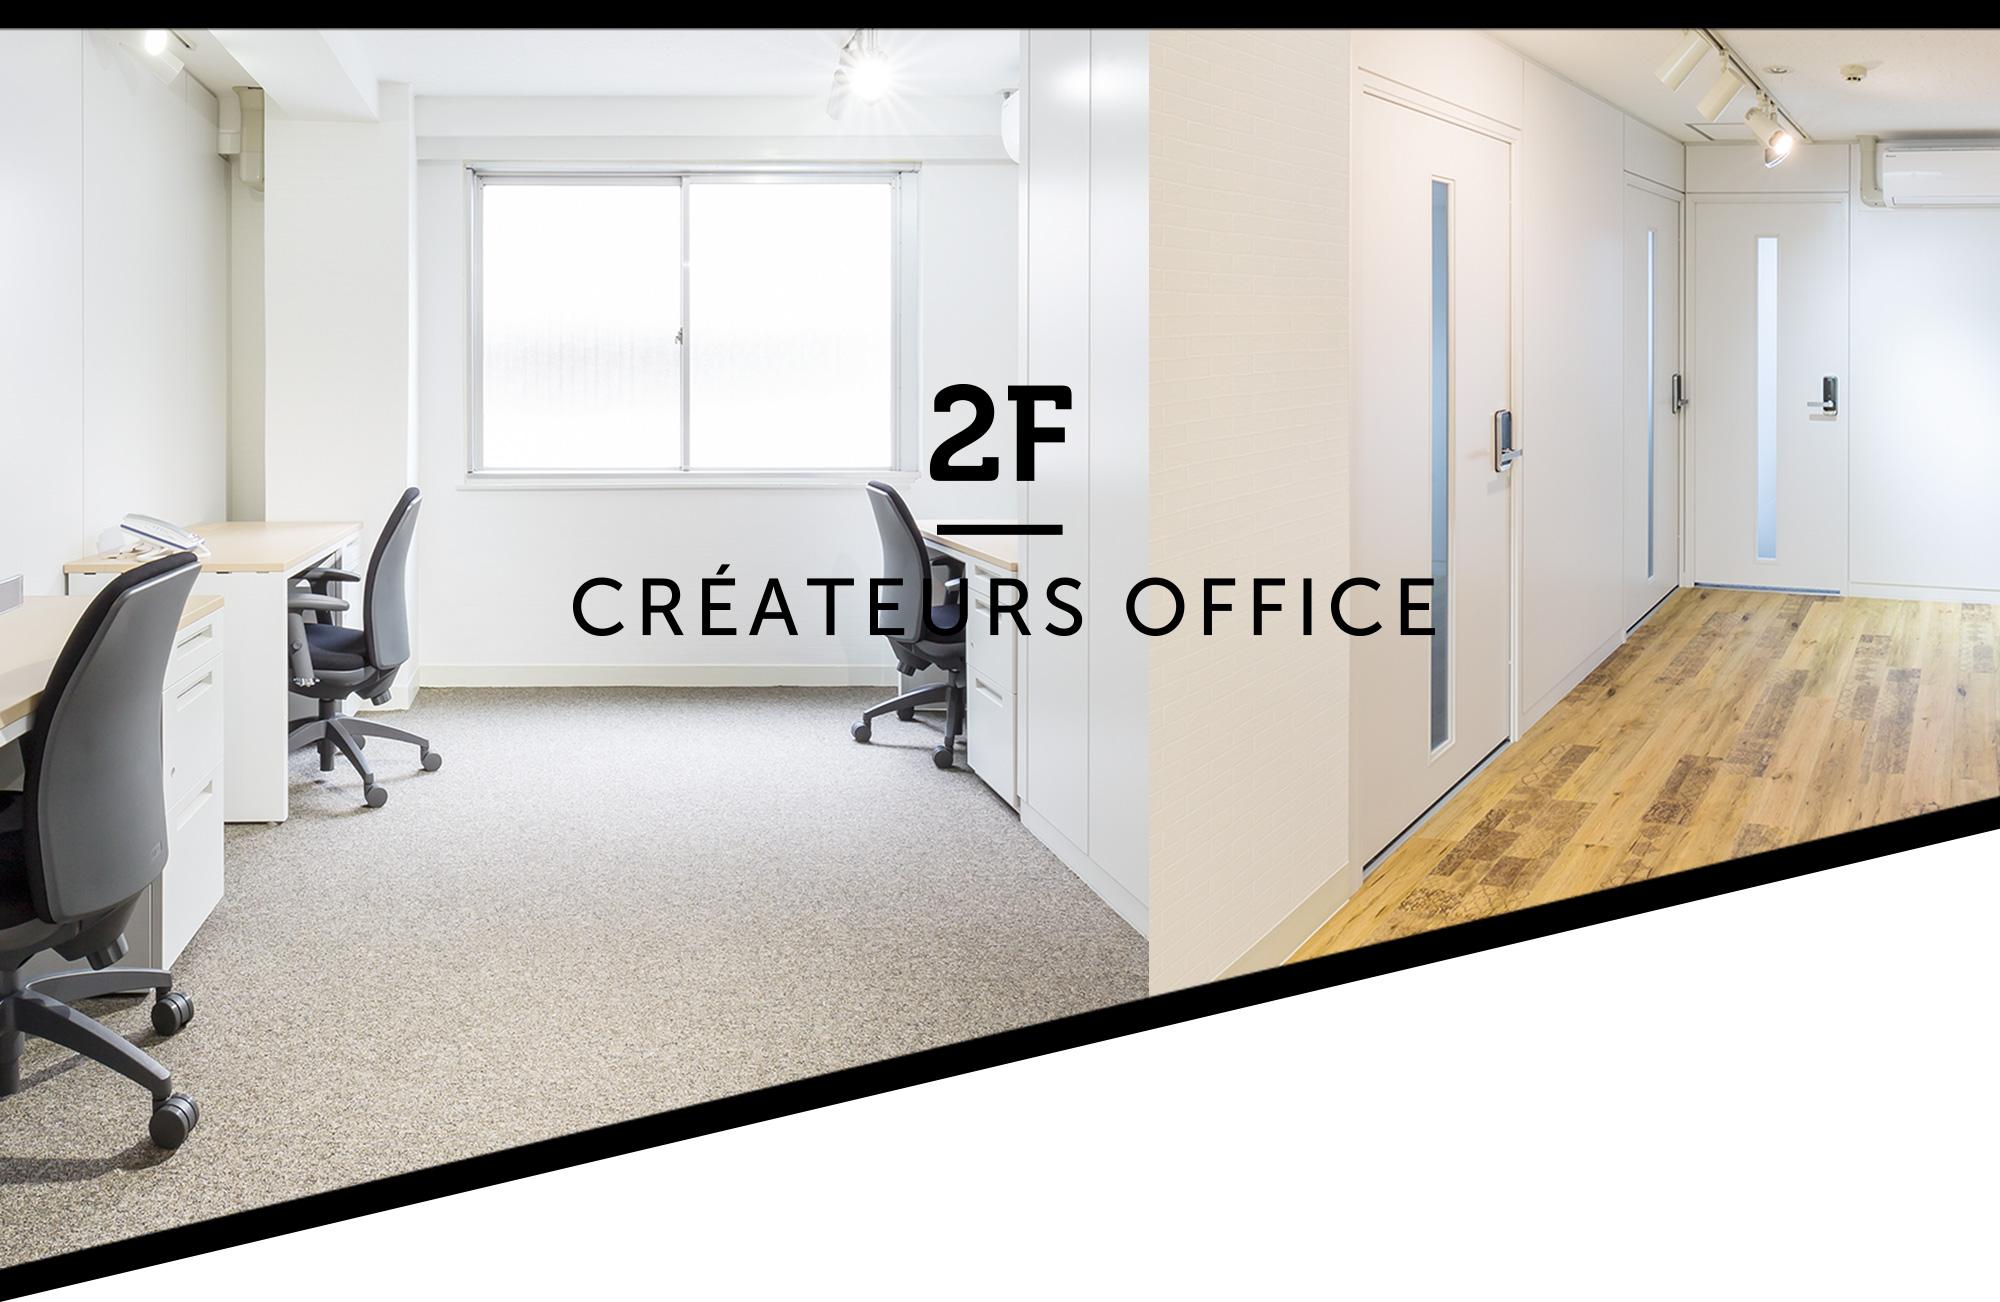 2F CREATEURS OFFICE